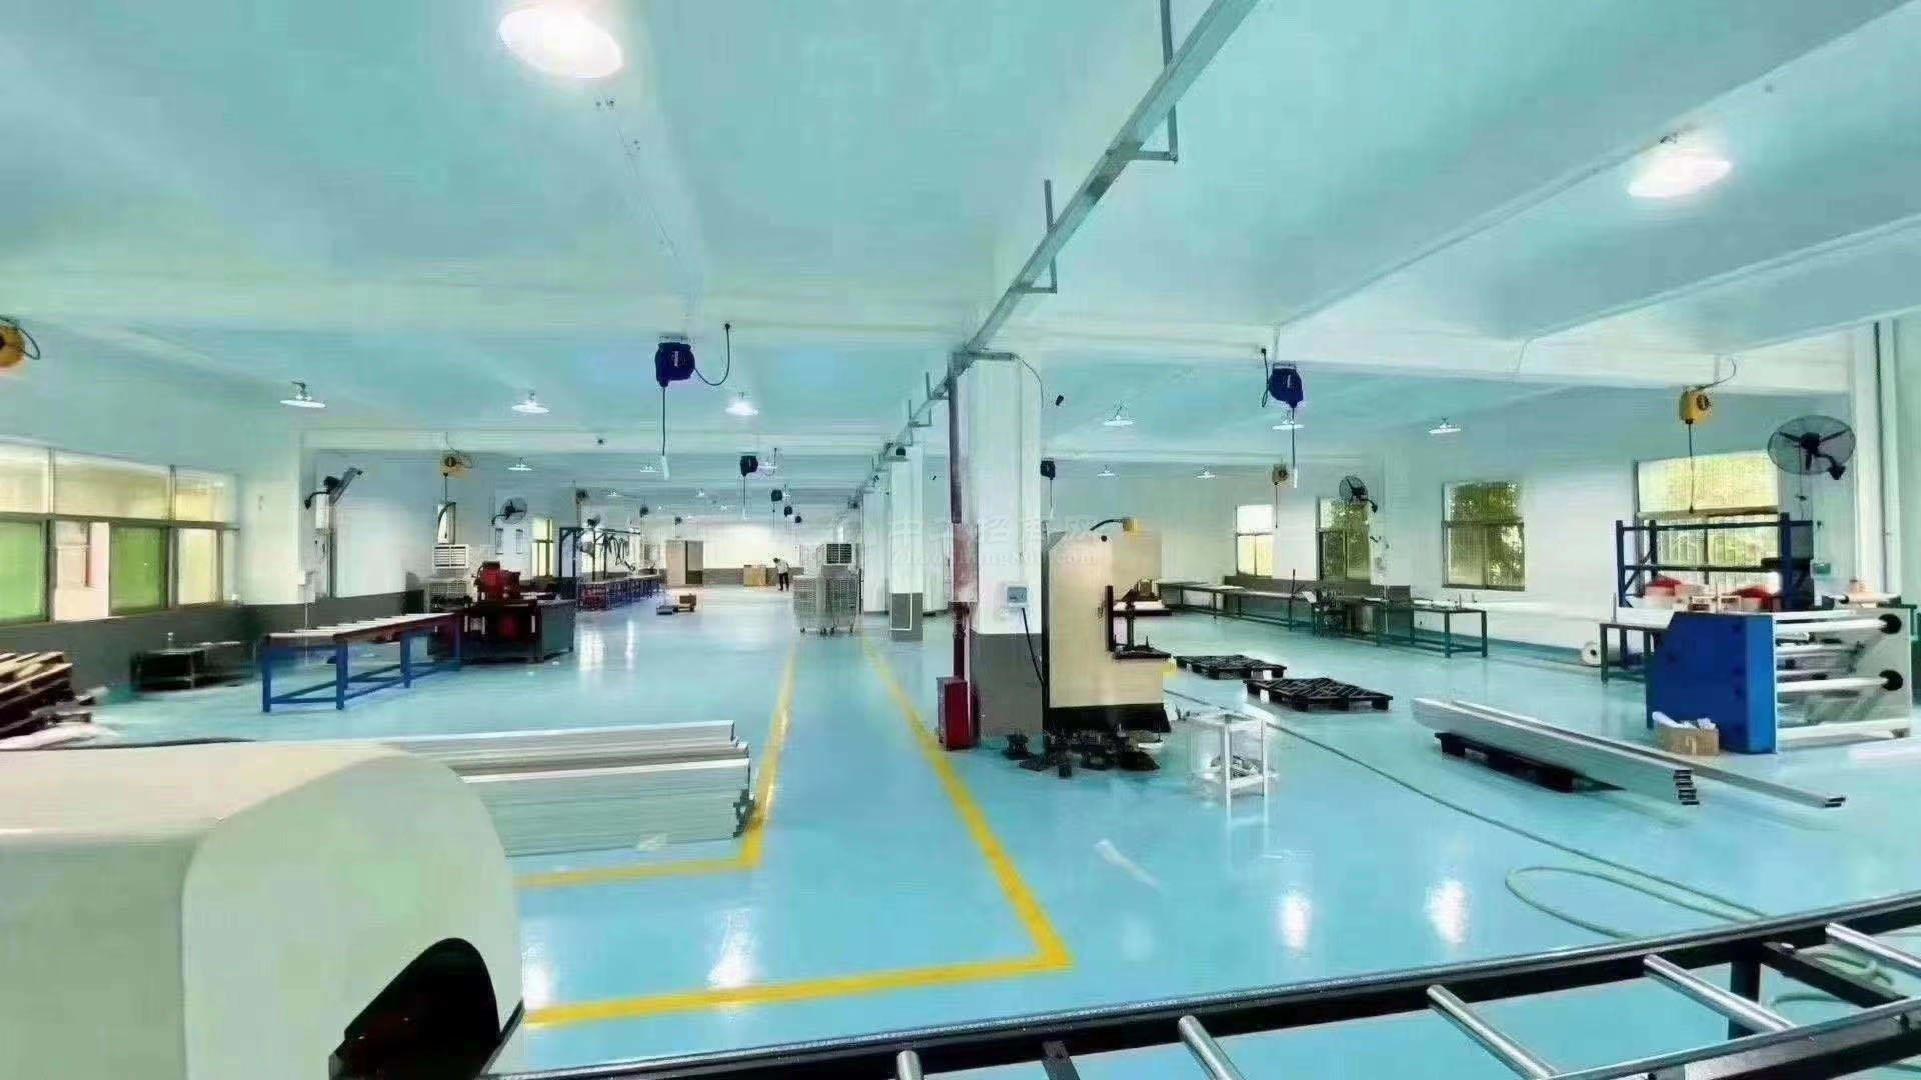 坂田上雪工业园2万平厂房出租200起分租一楼仓库有红本原房东